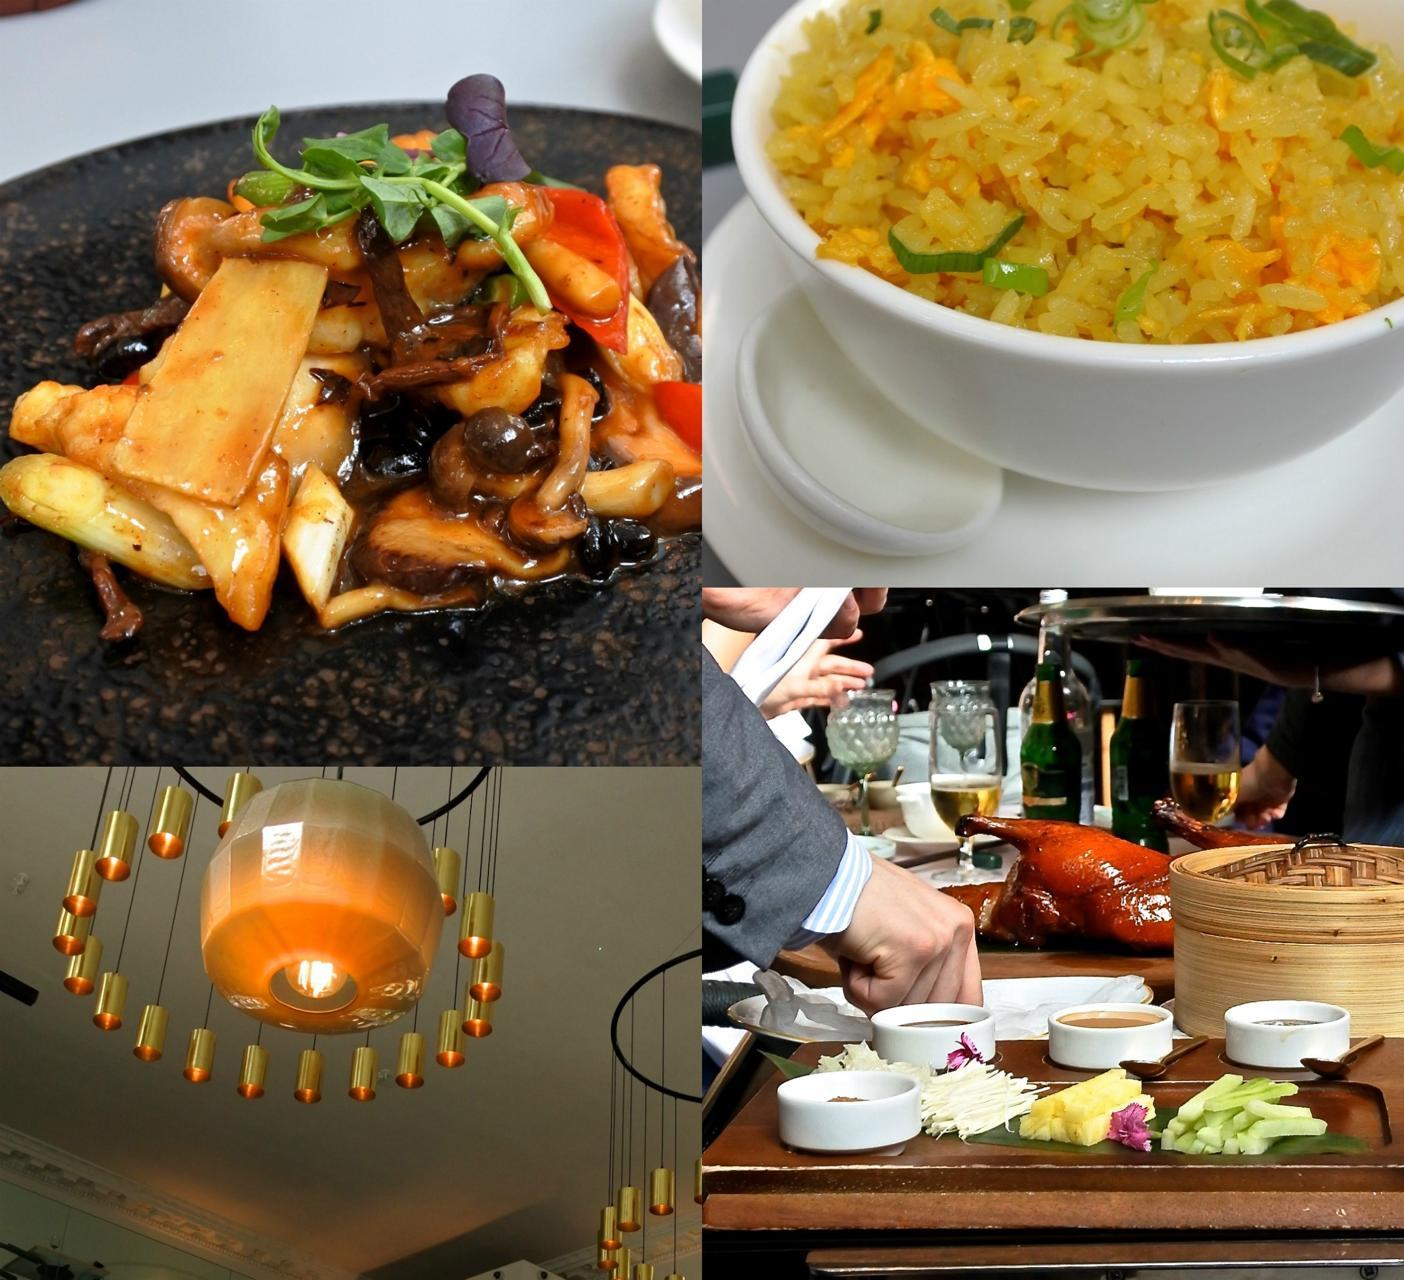 左上がアンコウ(モンクフィッシュ)と野菜の炒め物。右下はなんと、お隣さんが注文していた北京ダックを隣から激写!